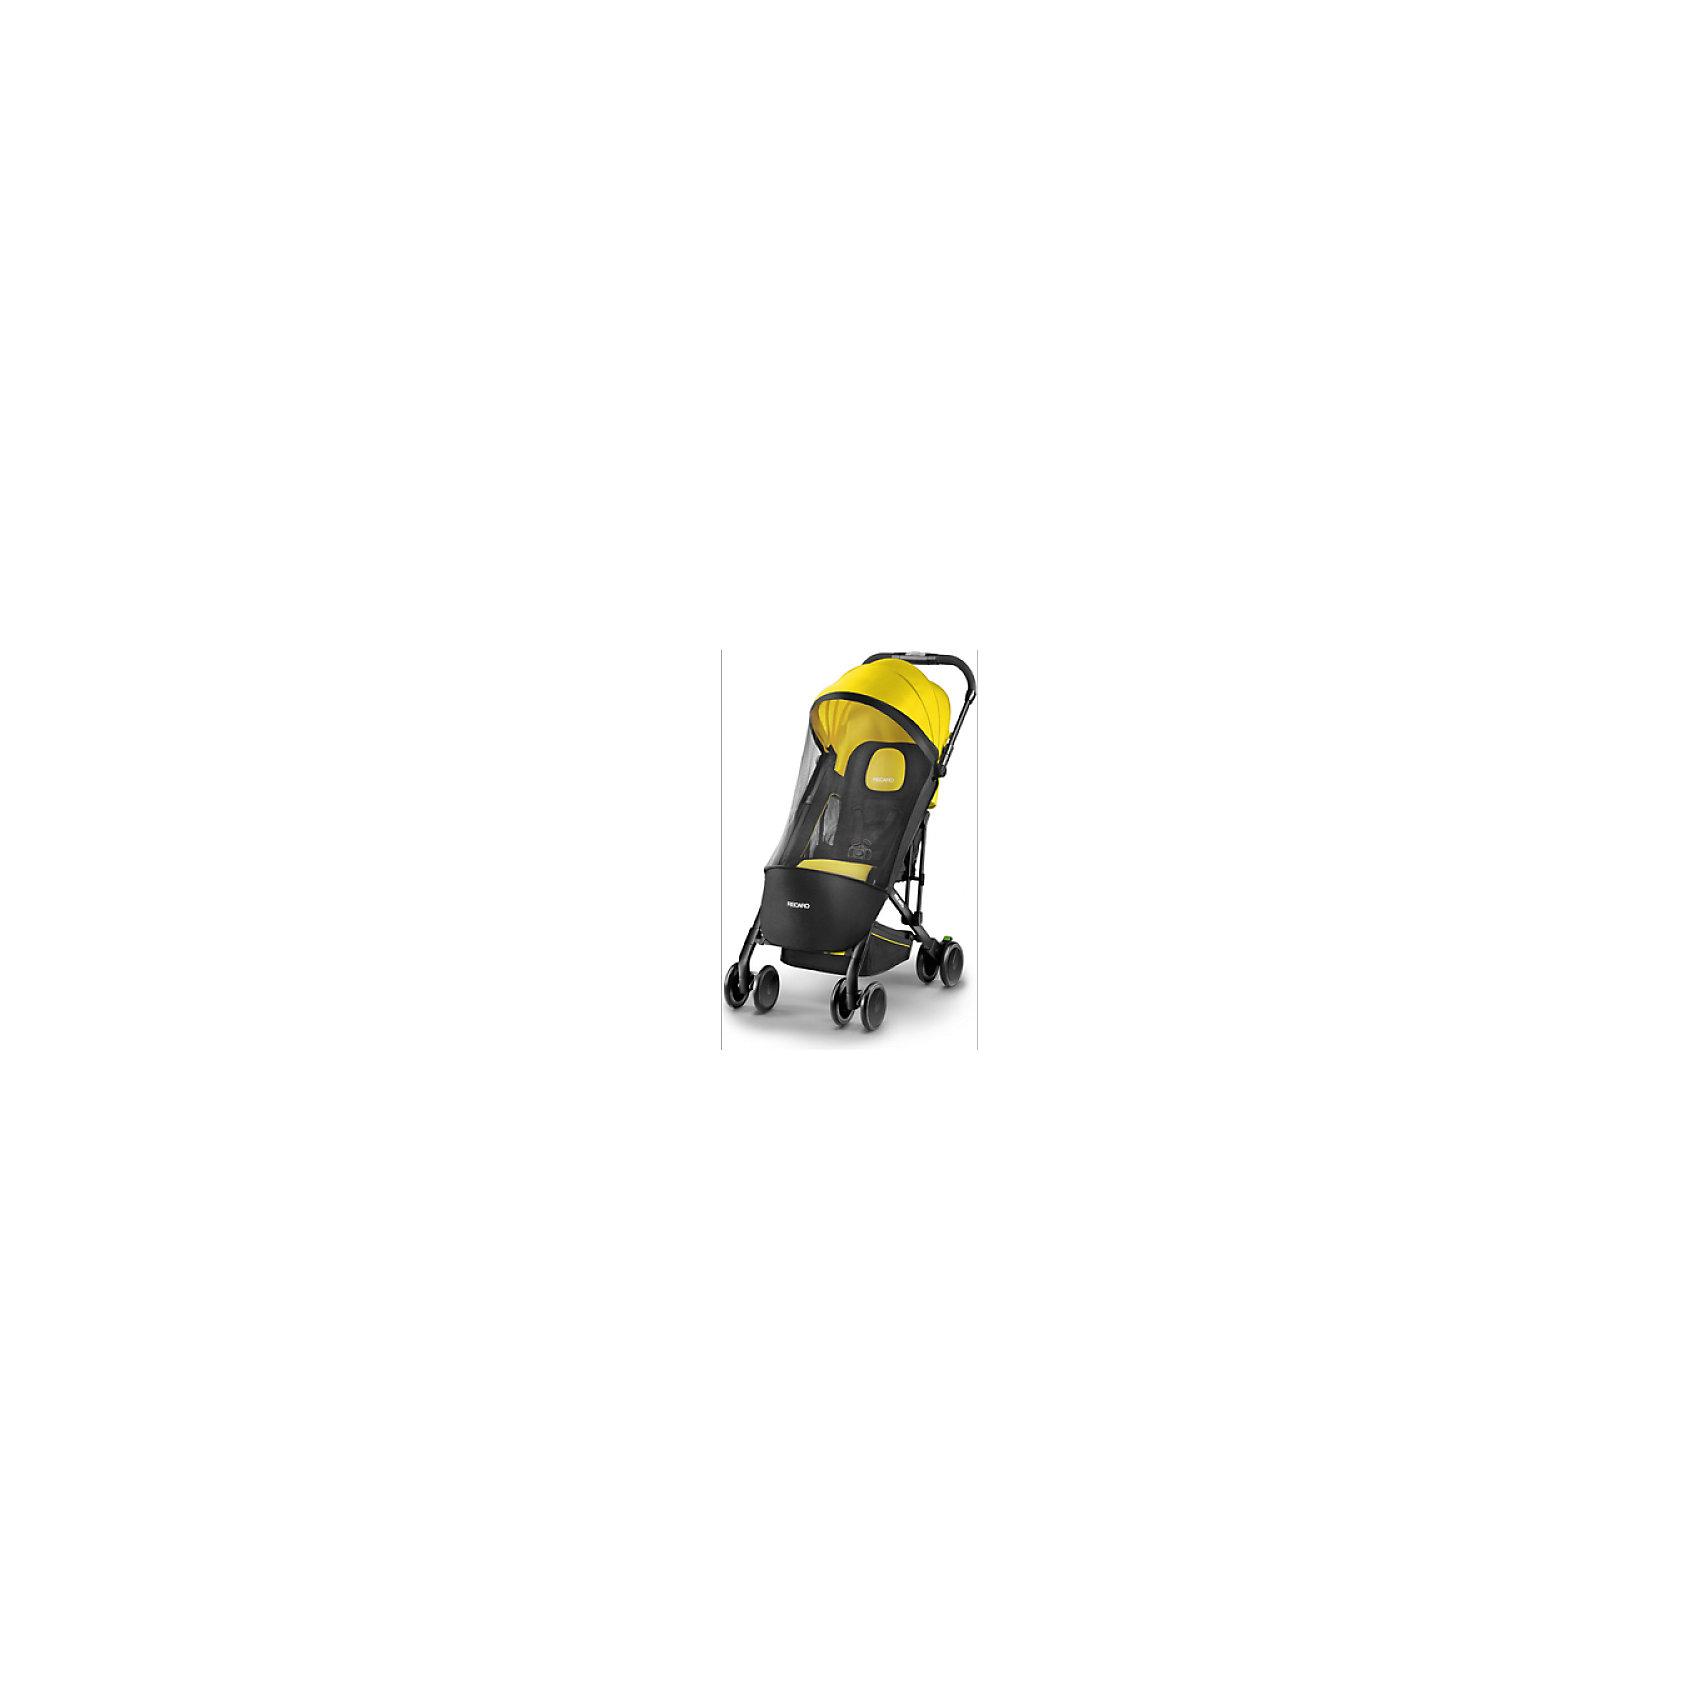 Москитная сетка Easylife, RecaroАксессуары для колясок<br>Москитная сетка для прогулочной коляски Easylife изготовлена из сетчатой ткани, которая создает надежную защиту от насекомых. Москитная сетка крепится на прогулочном блоке от края капюшона до подножки, нижняя область москитной сетки представляет собой карман из непрозрачного материала полиэстера с логотипом бренда Recaro. <br><br>Москитную сетку Easylife, Recaro можно купить в нашем интернет-магазине.<br><br>Ширина мм: 40<br>Глубина мм: 20<br>Высота мм: 10<br>Вес г: 200<br>Возраст от месяцев: 6<br>Возраст до месяцев: 432<br>Пол: Унисекс<br>Возраст: Детский<br>SKU: 5464664